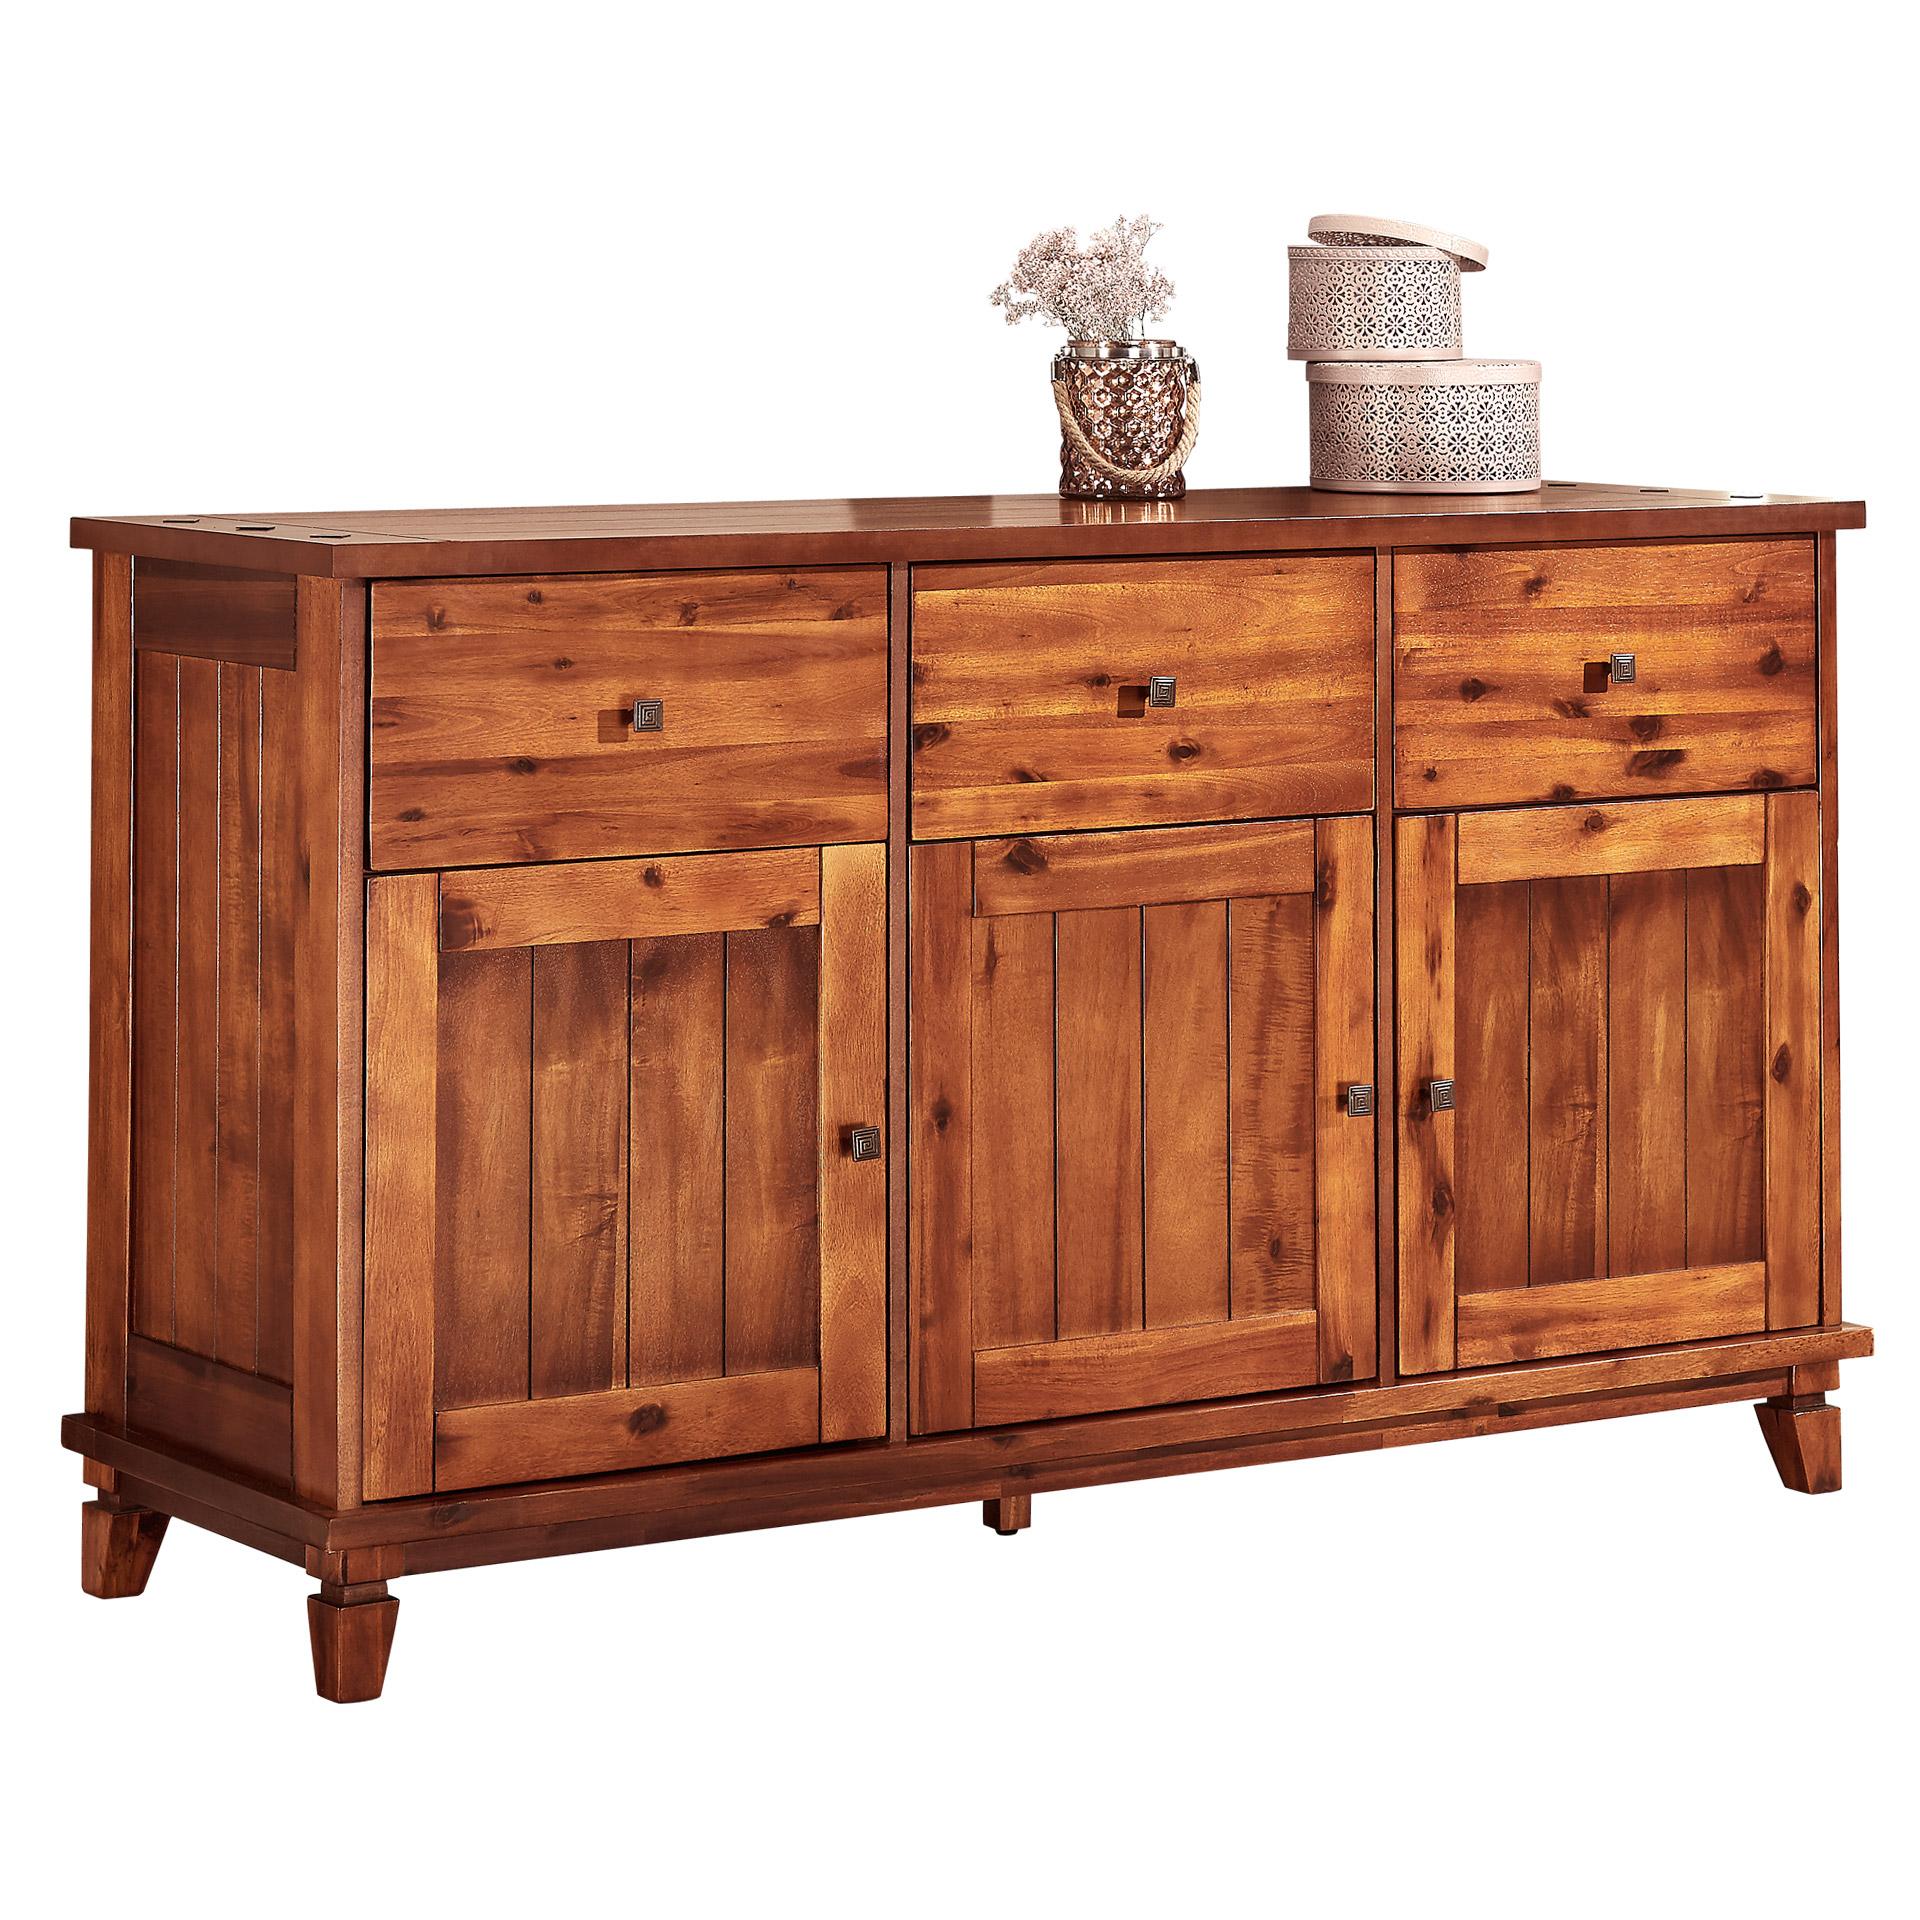 18 sparen anrichte panama im kolonialstil nur 329 95 cherry m bel d nisches bettenlager. Black Bedroom Furniture Sets. Home Design Ideas